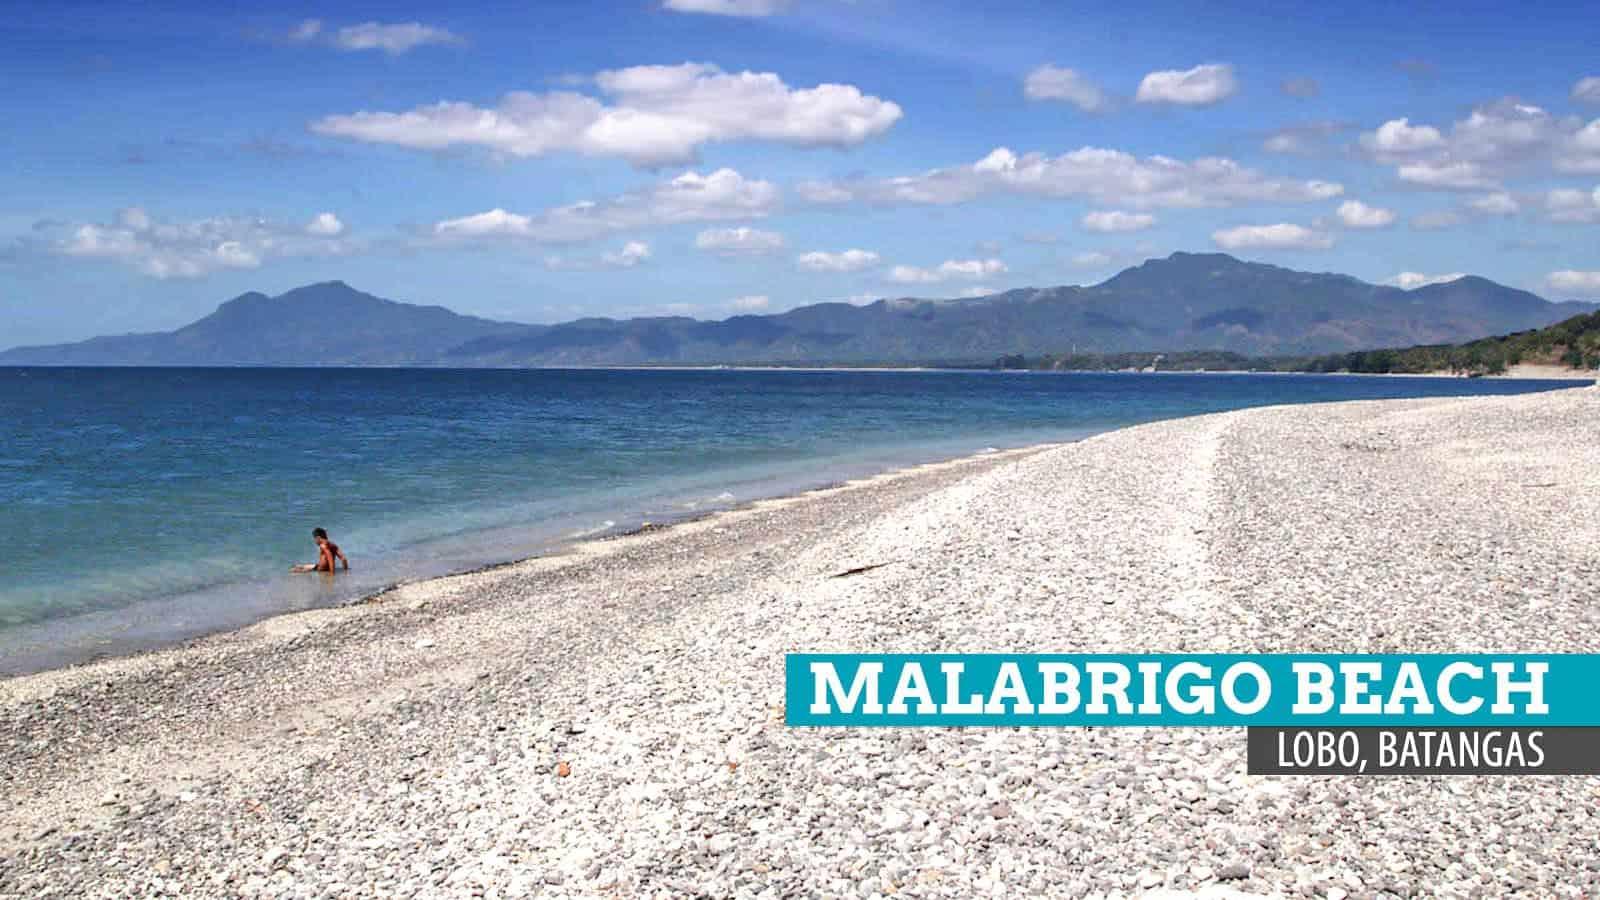 Punta Malabrigo-Beach Resort